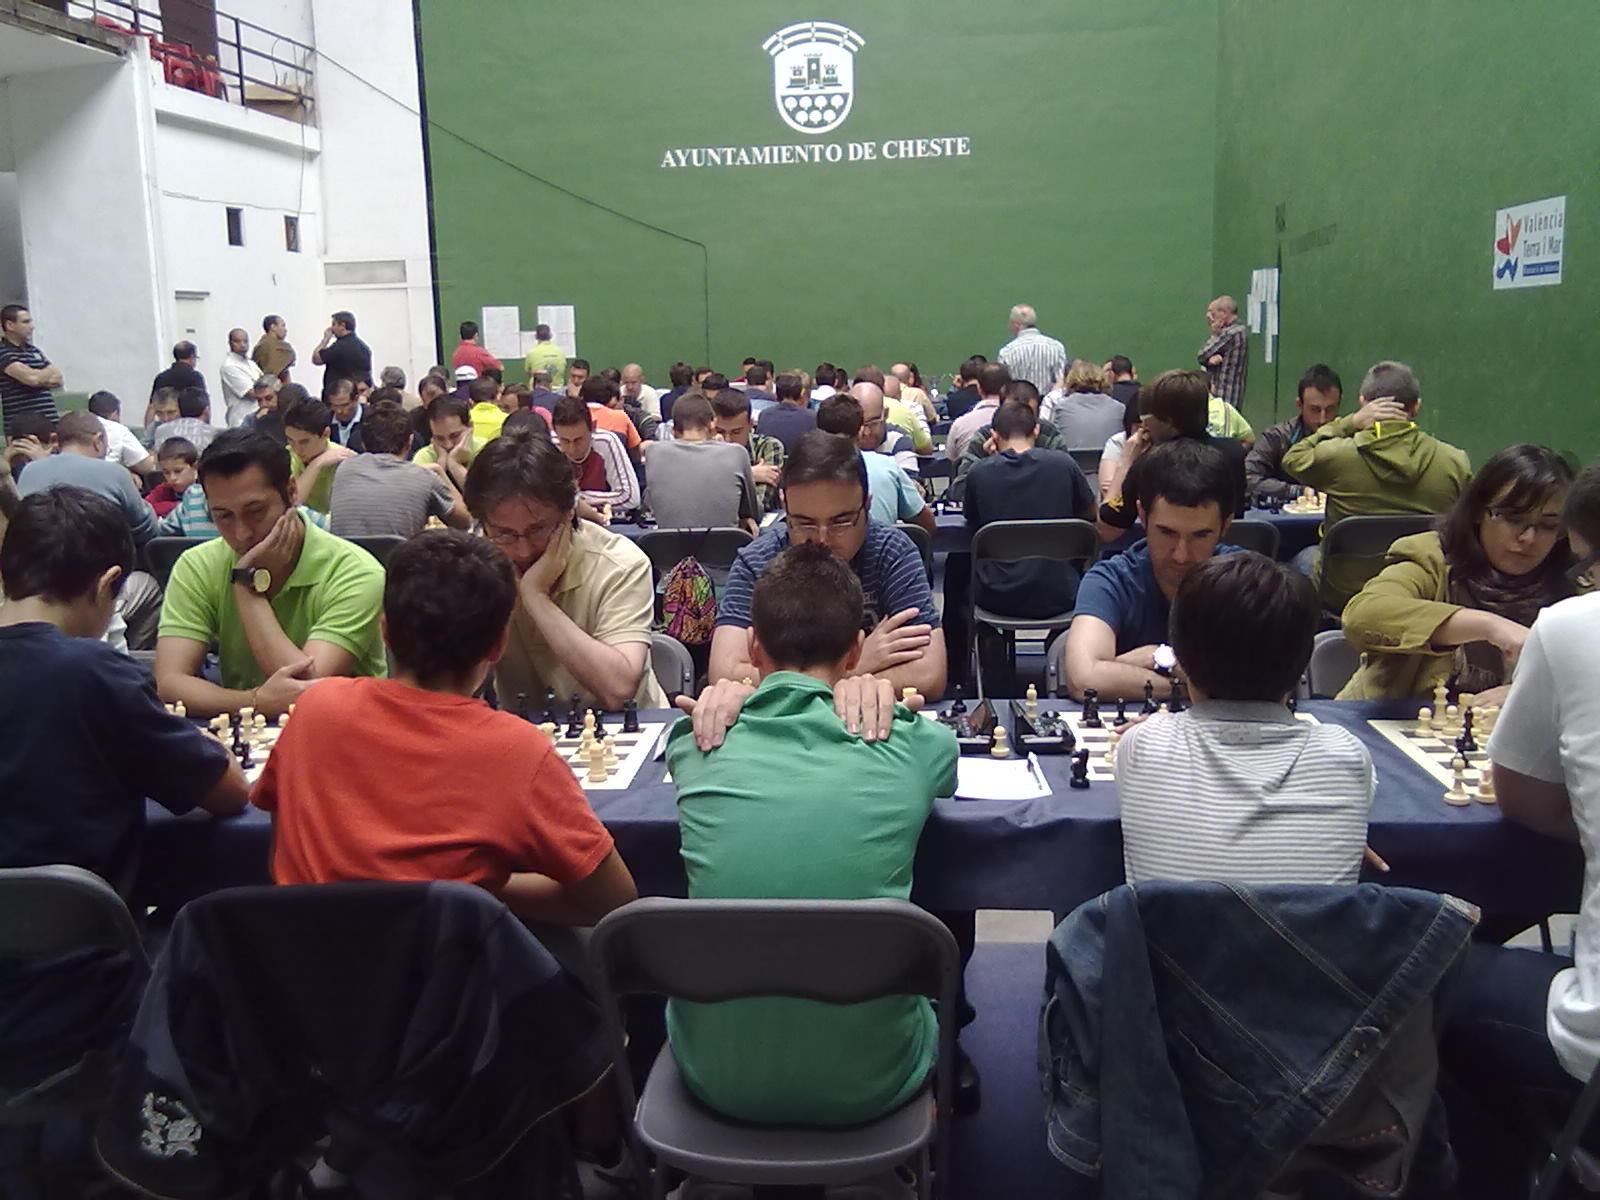 Club escacs novelda octubre 2011 - Contactos novelda ...